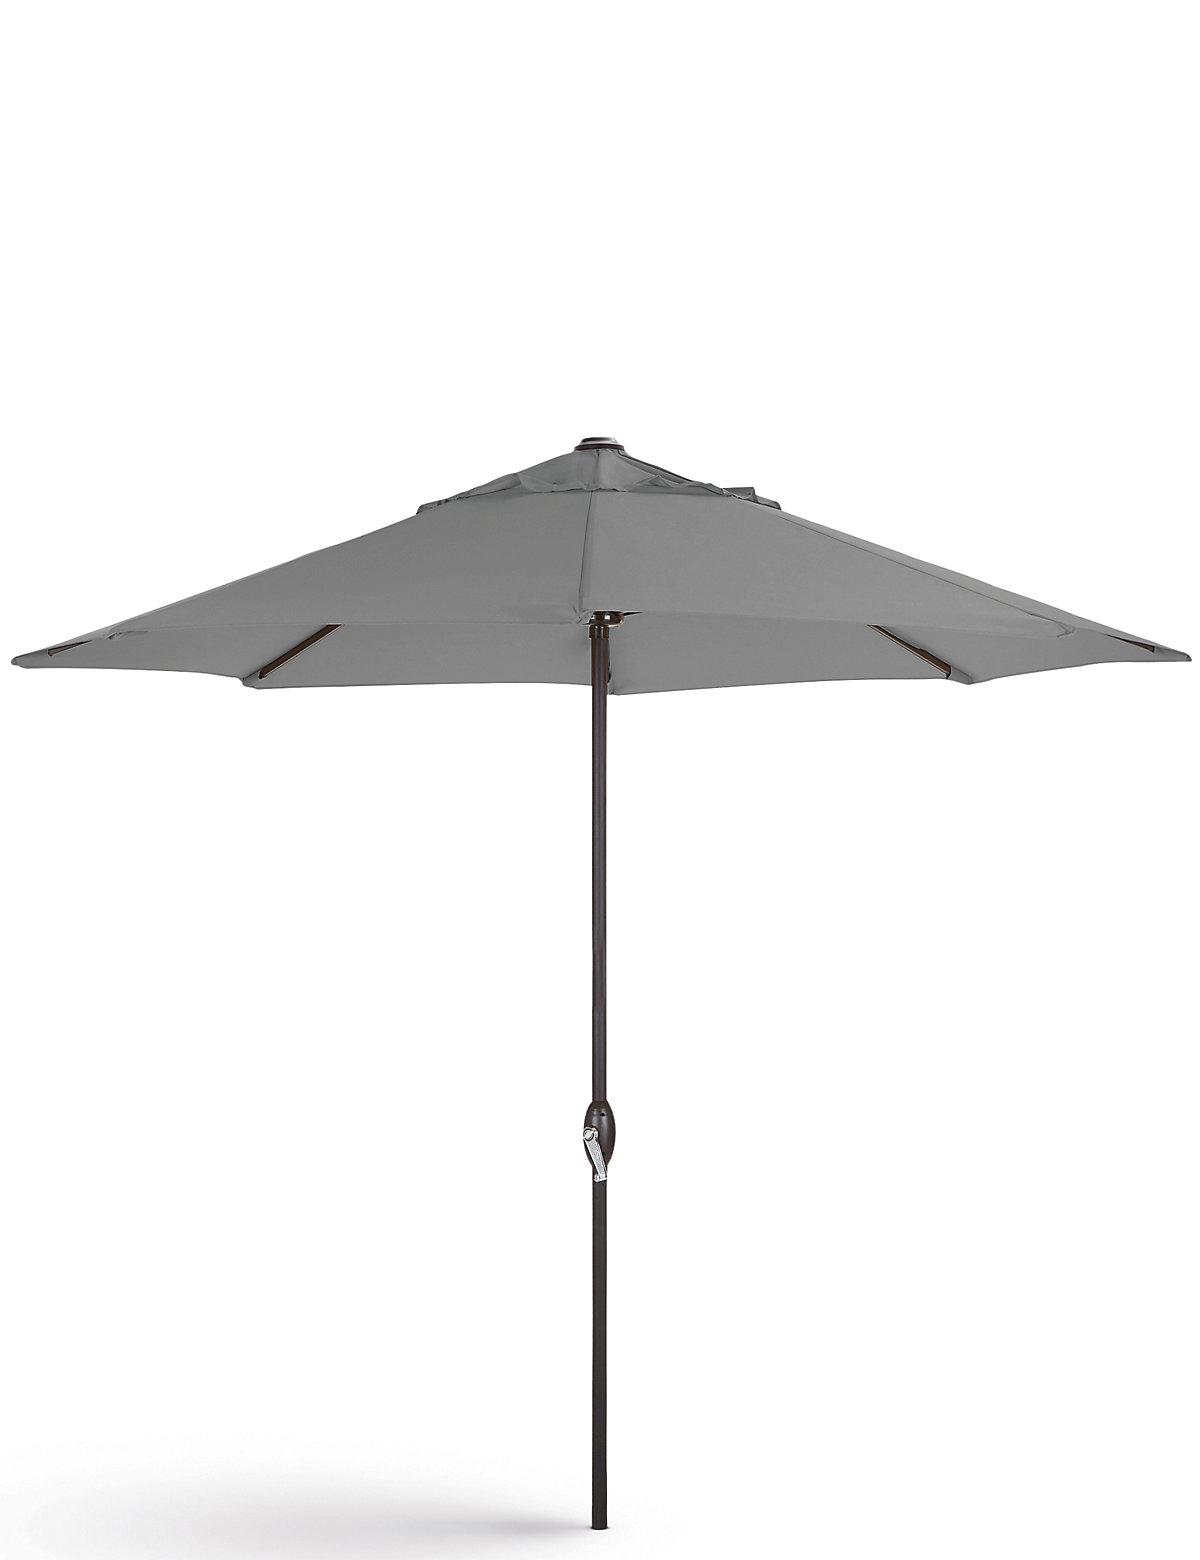 marks and spencer grey parasol black pole. Black Bedroom Furniture Sets. Home Design Ideas